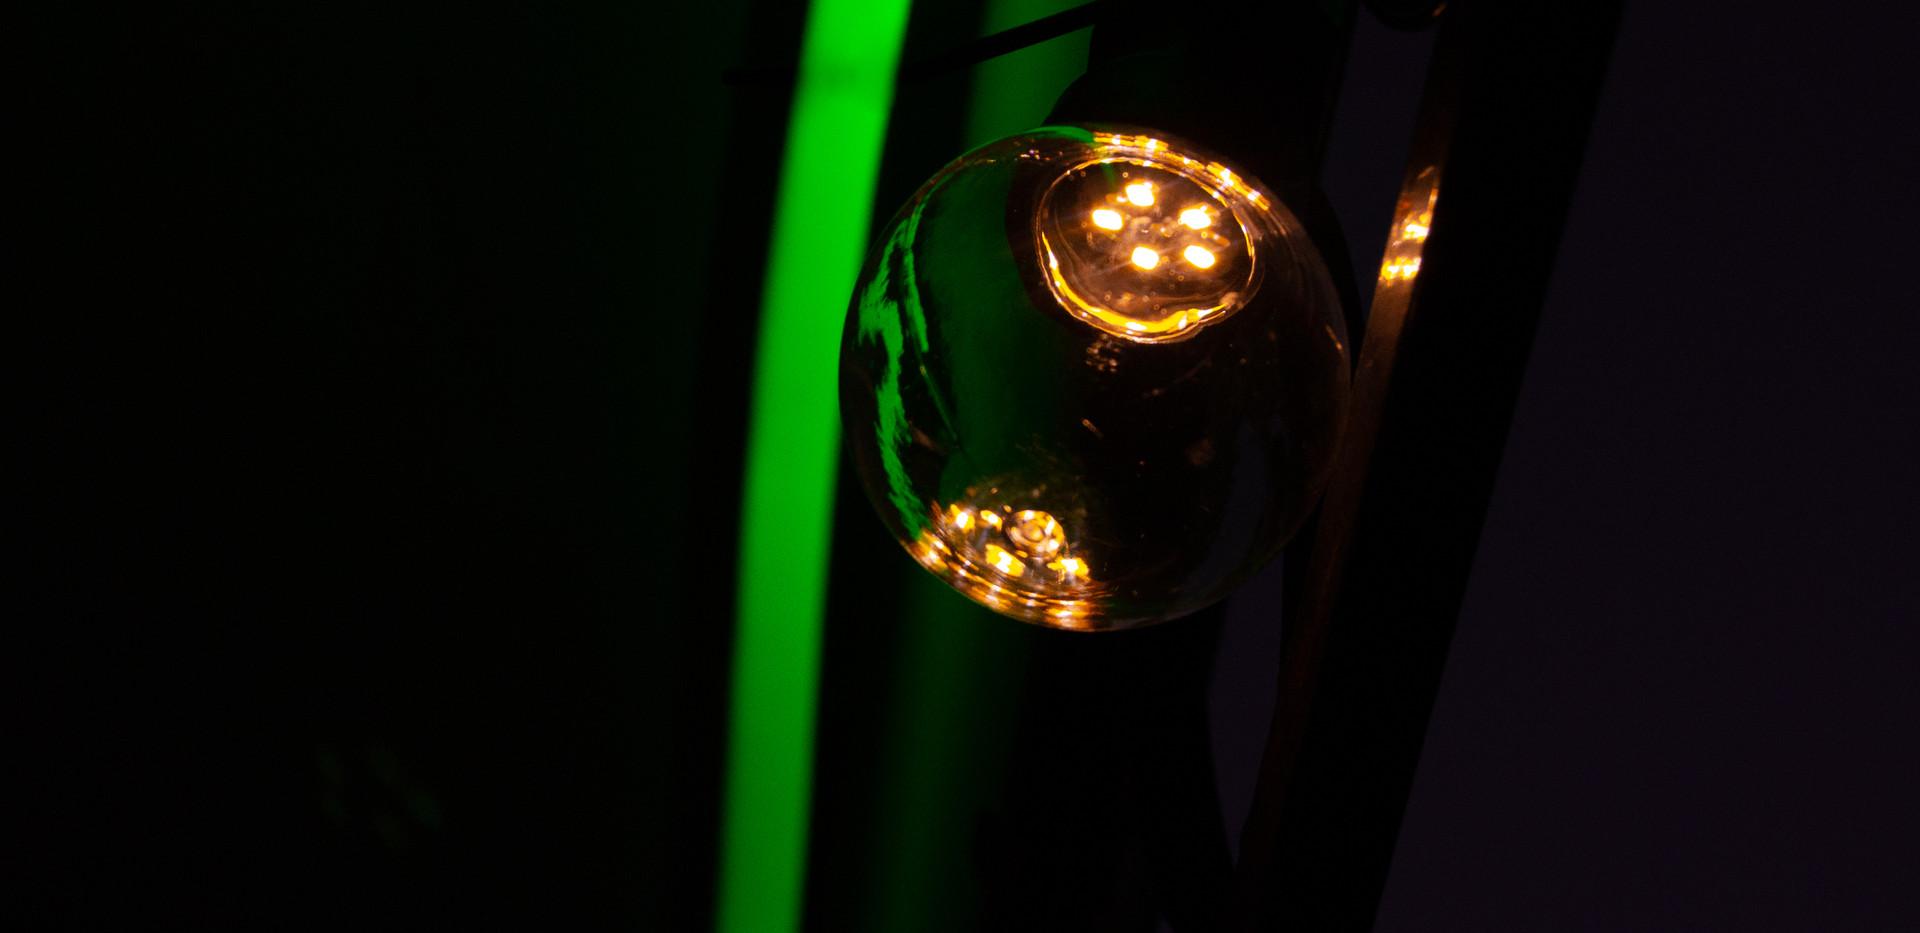 Guirlande de lumière et néon flexible en extérieur